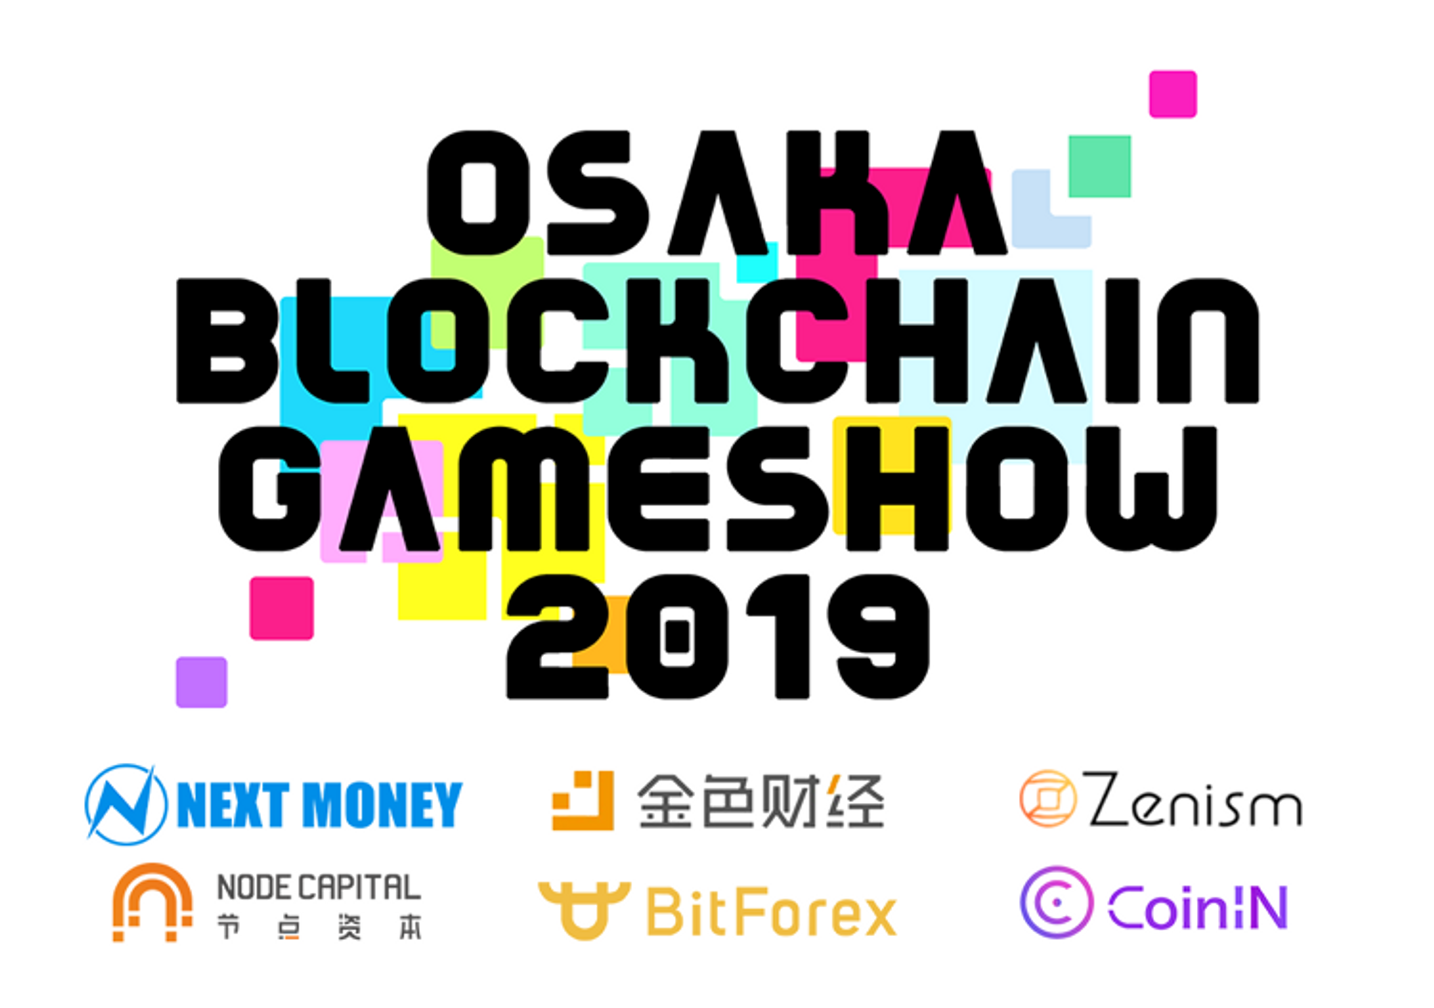 日中韓ブロックチェーン企業共同主催『OSAKA Blockchain GameShow 2019』が7月6日に開催決定!